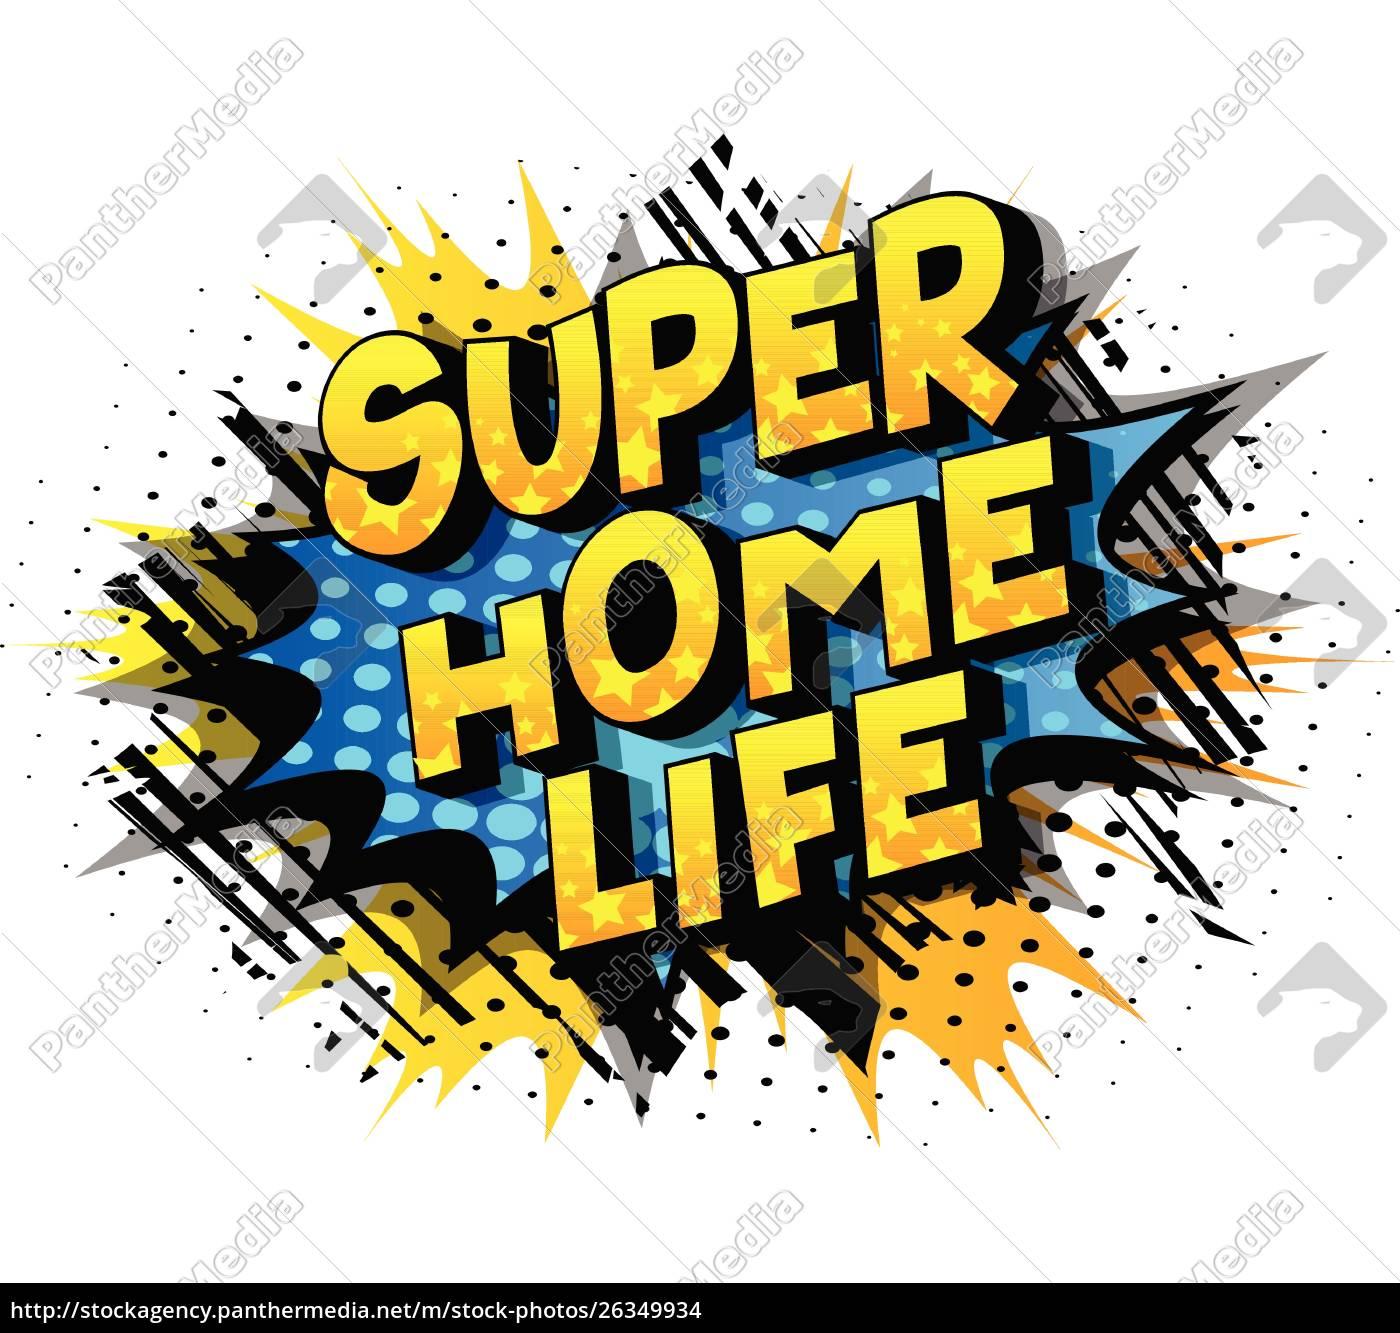 super, home, life, -, comic, book - 26349934